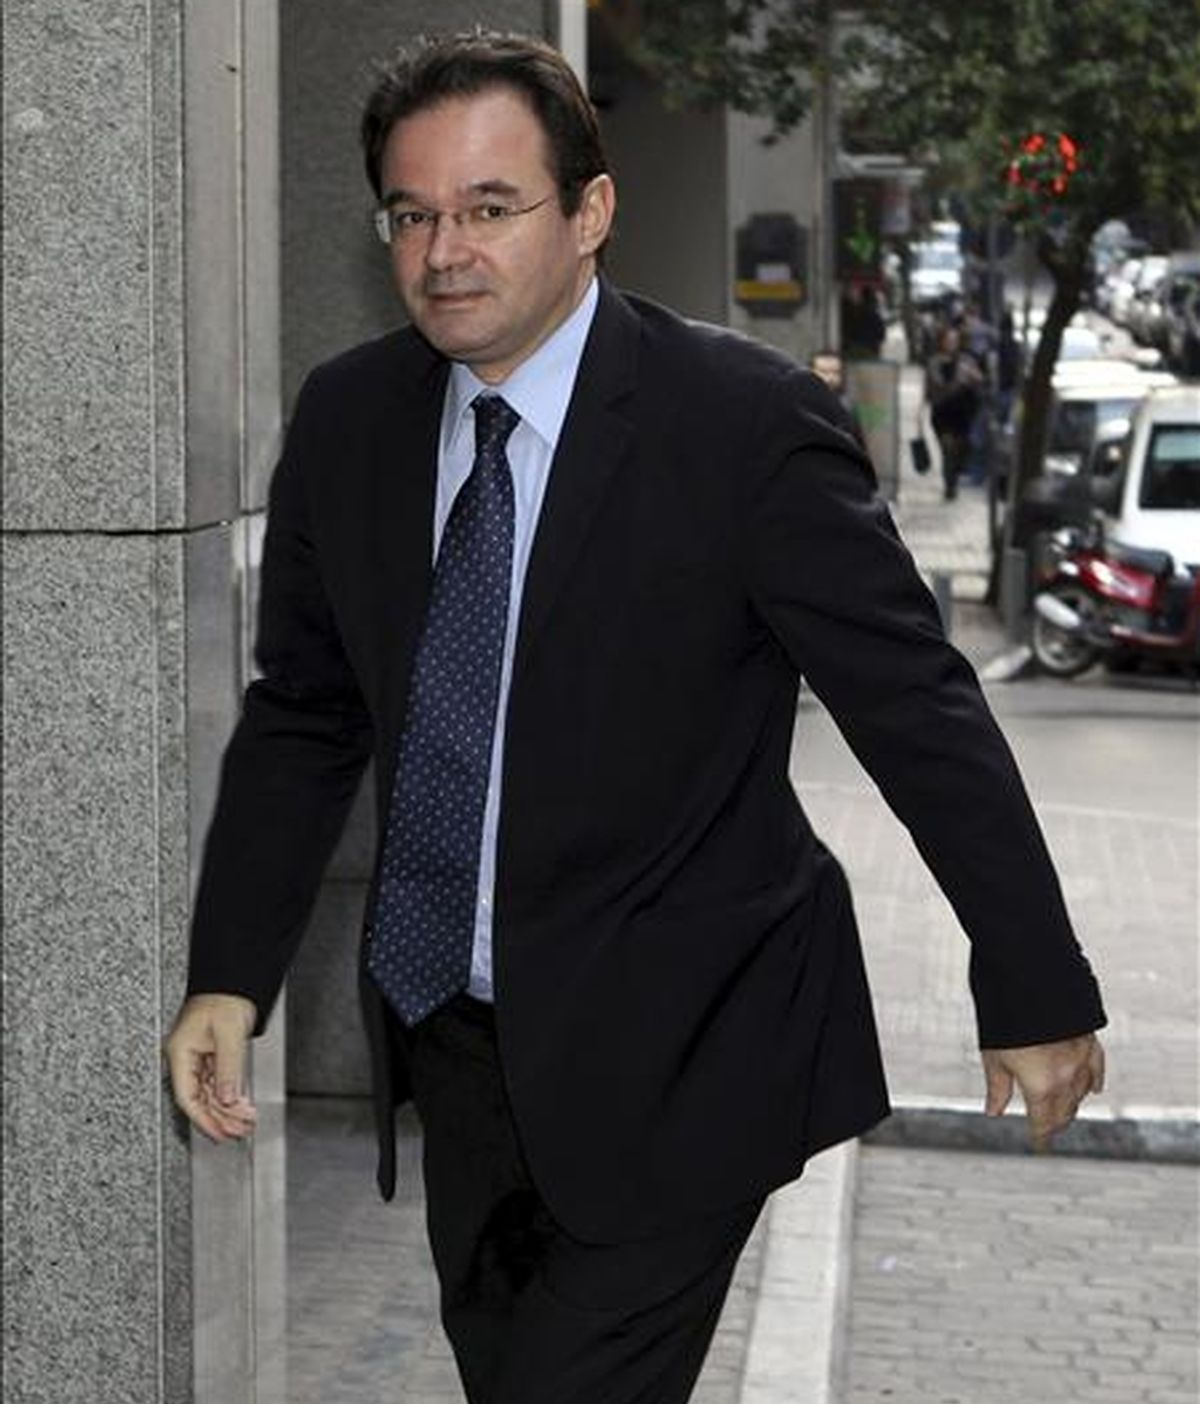 El ministro de Finanzas griego, George Papaconstantinou. EFE/Archivo